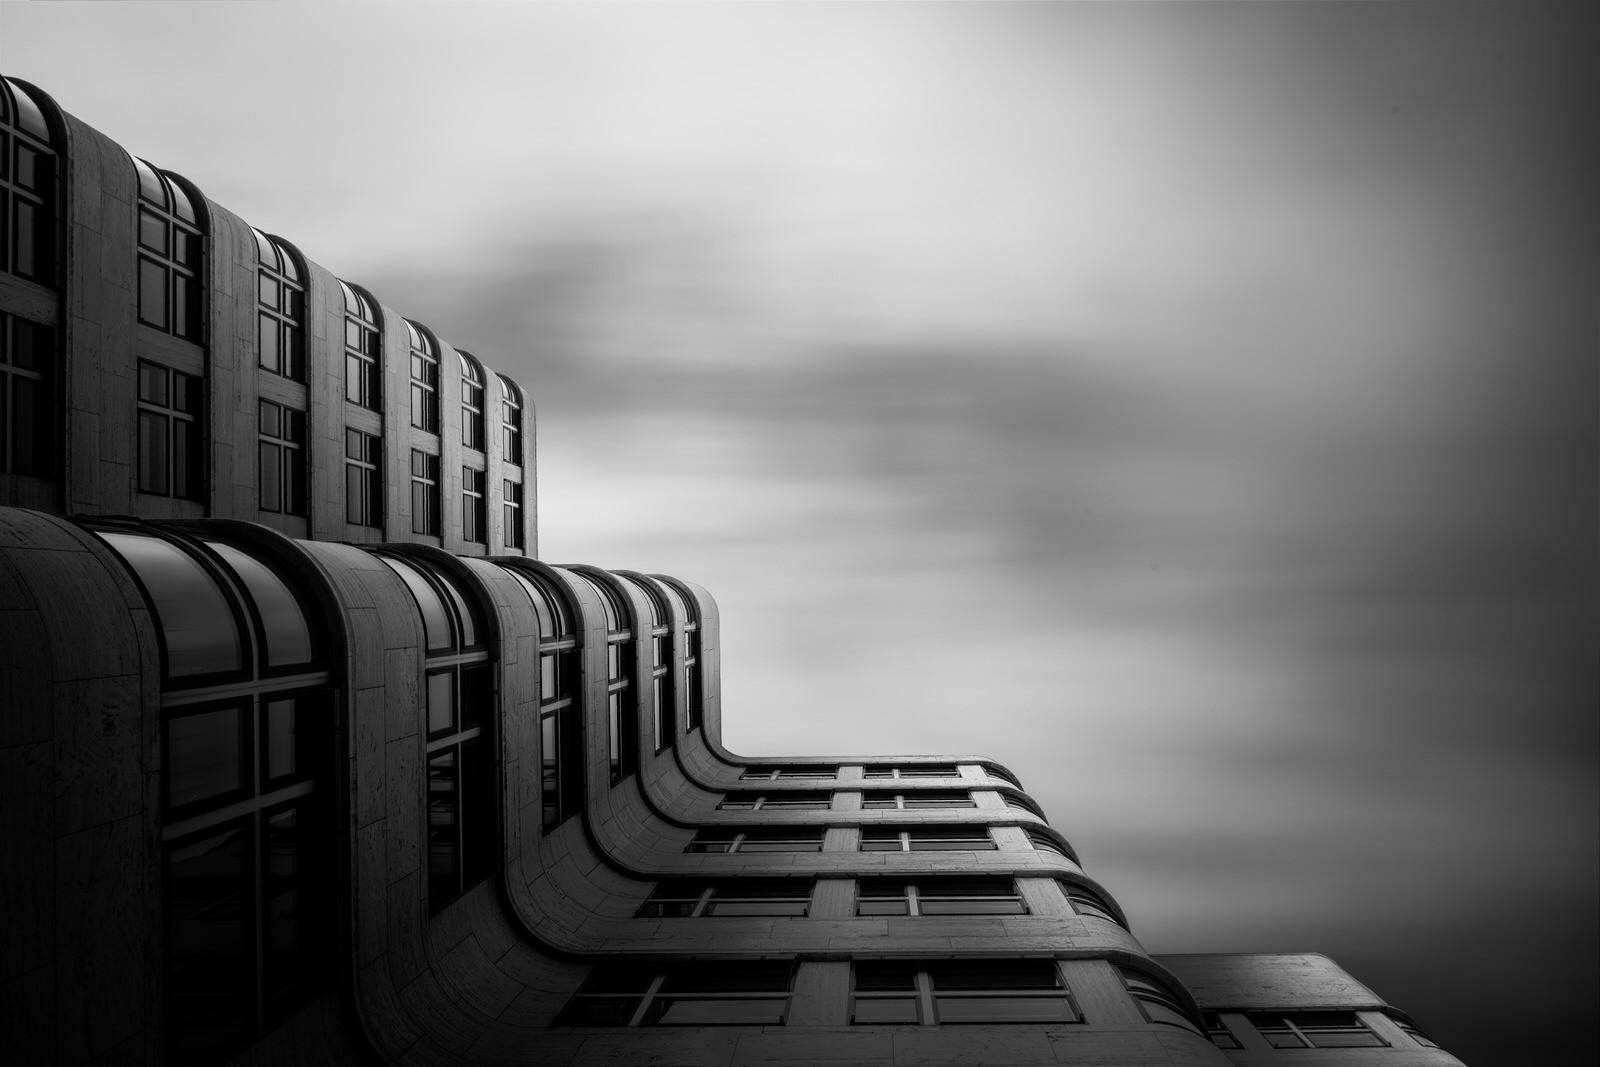 Shell Haus Berlin als fine art Bild in schwarz weiss